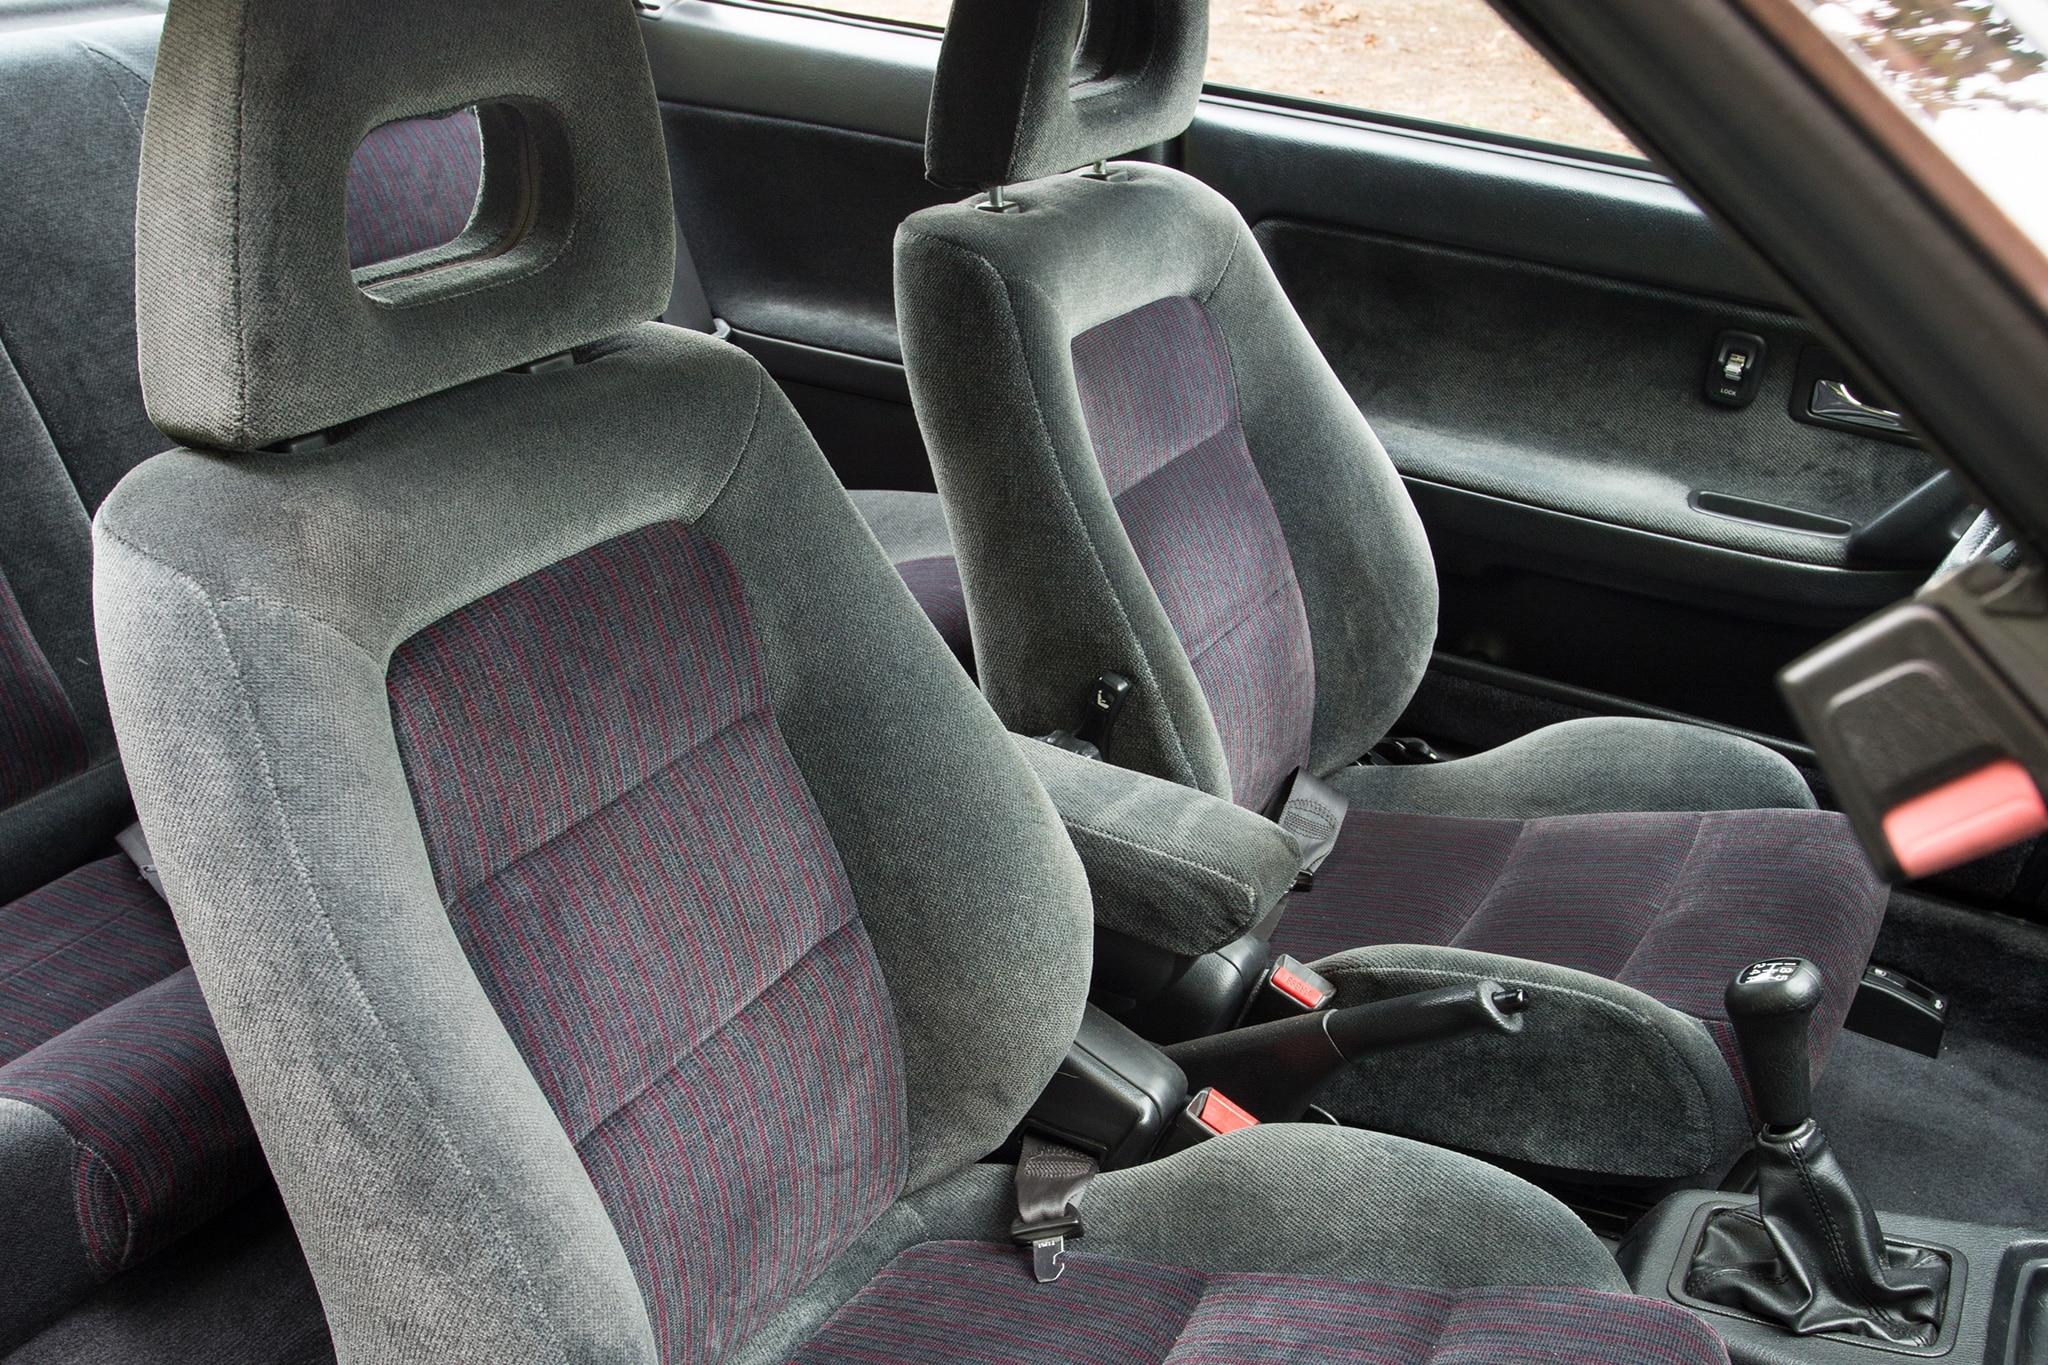 Collectible Classic Acura Integra GSR Automobile Magazine - Acura integra gsr engine